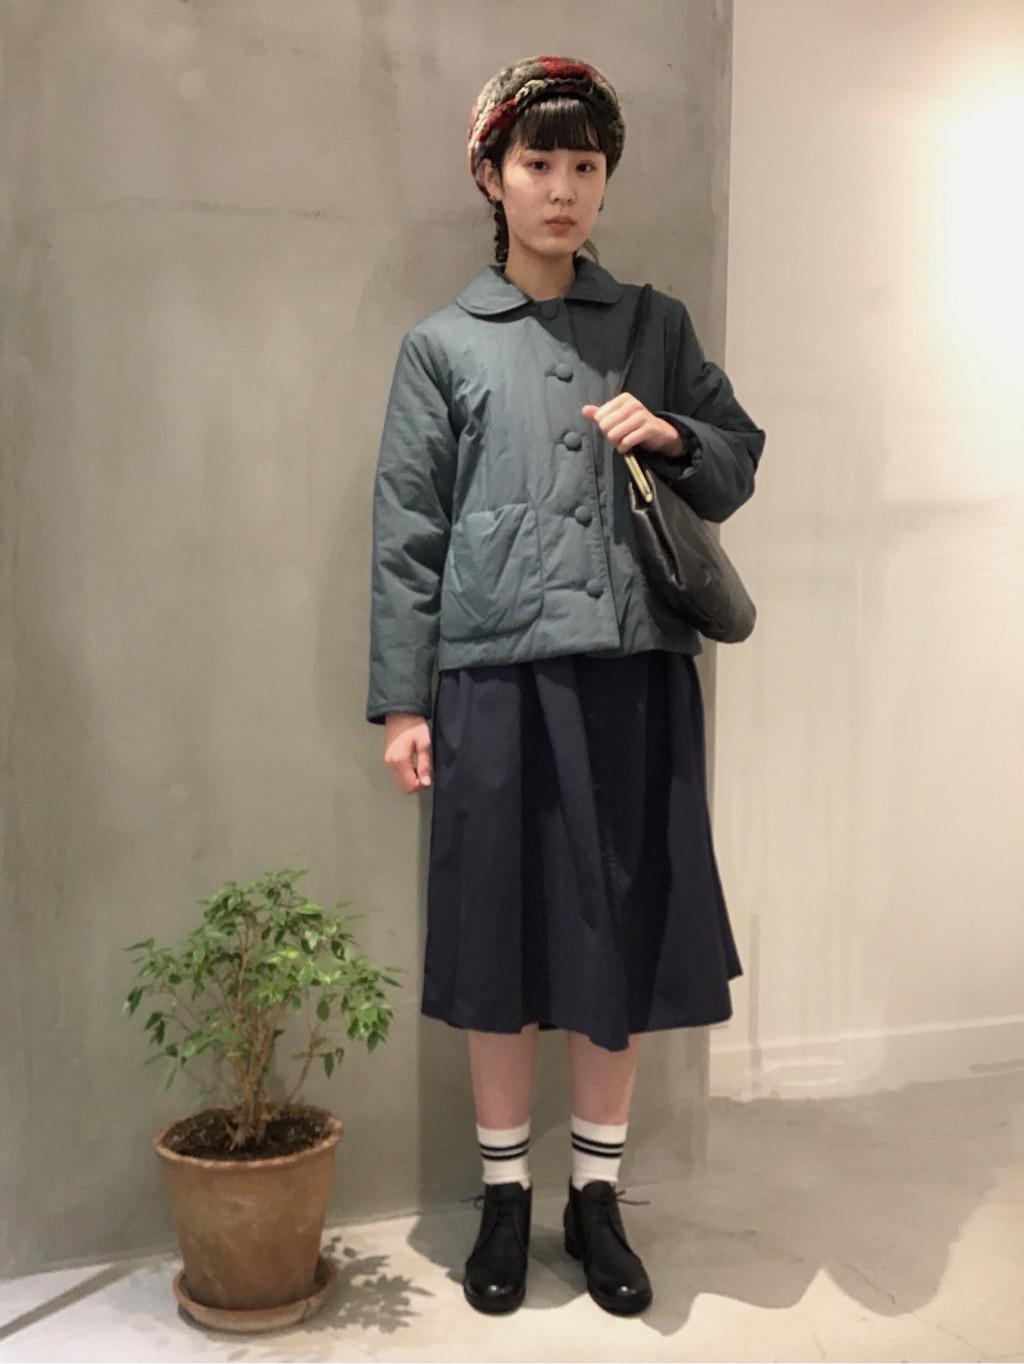 bulle de savon アトレ川崎 身長:168cm 2020.11.04